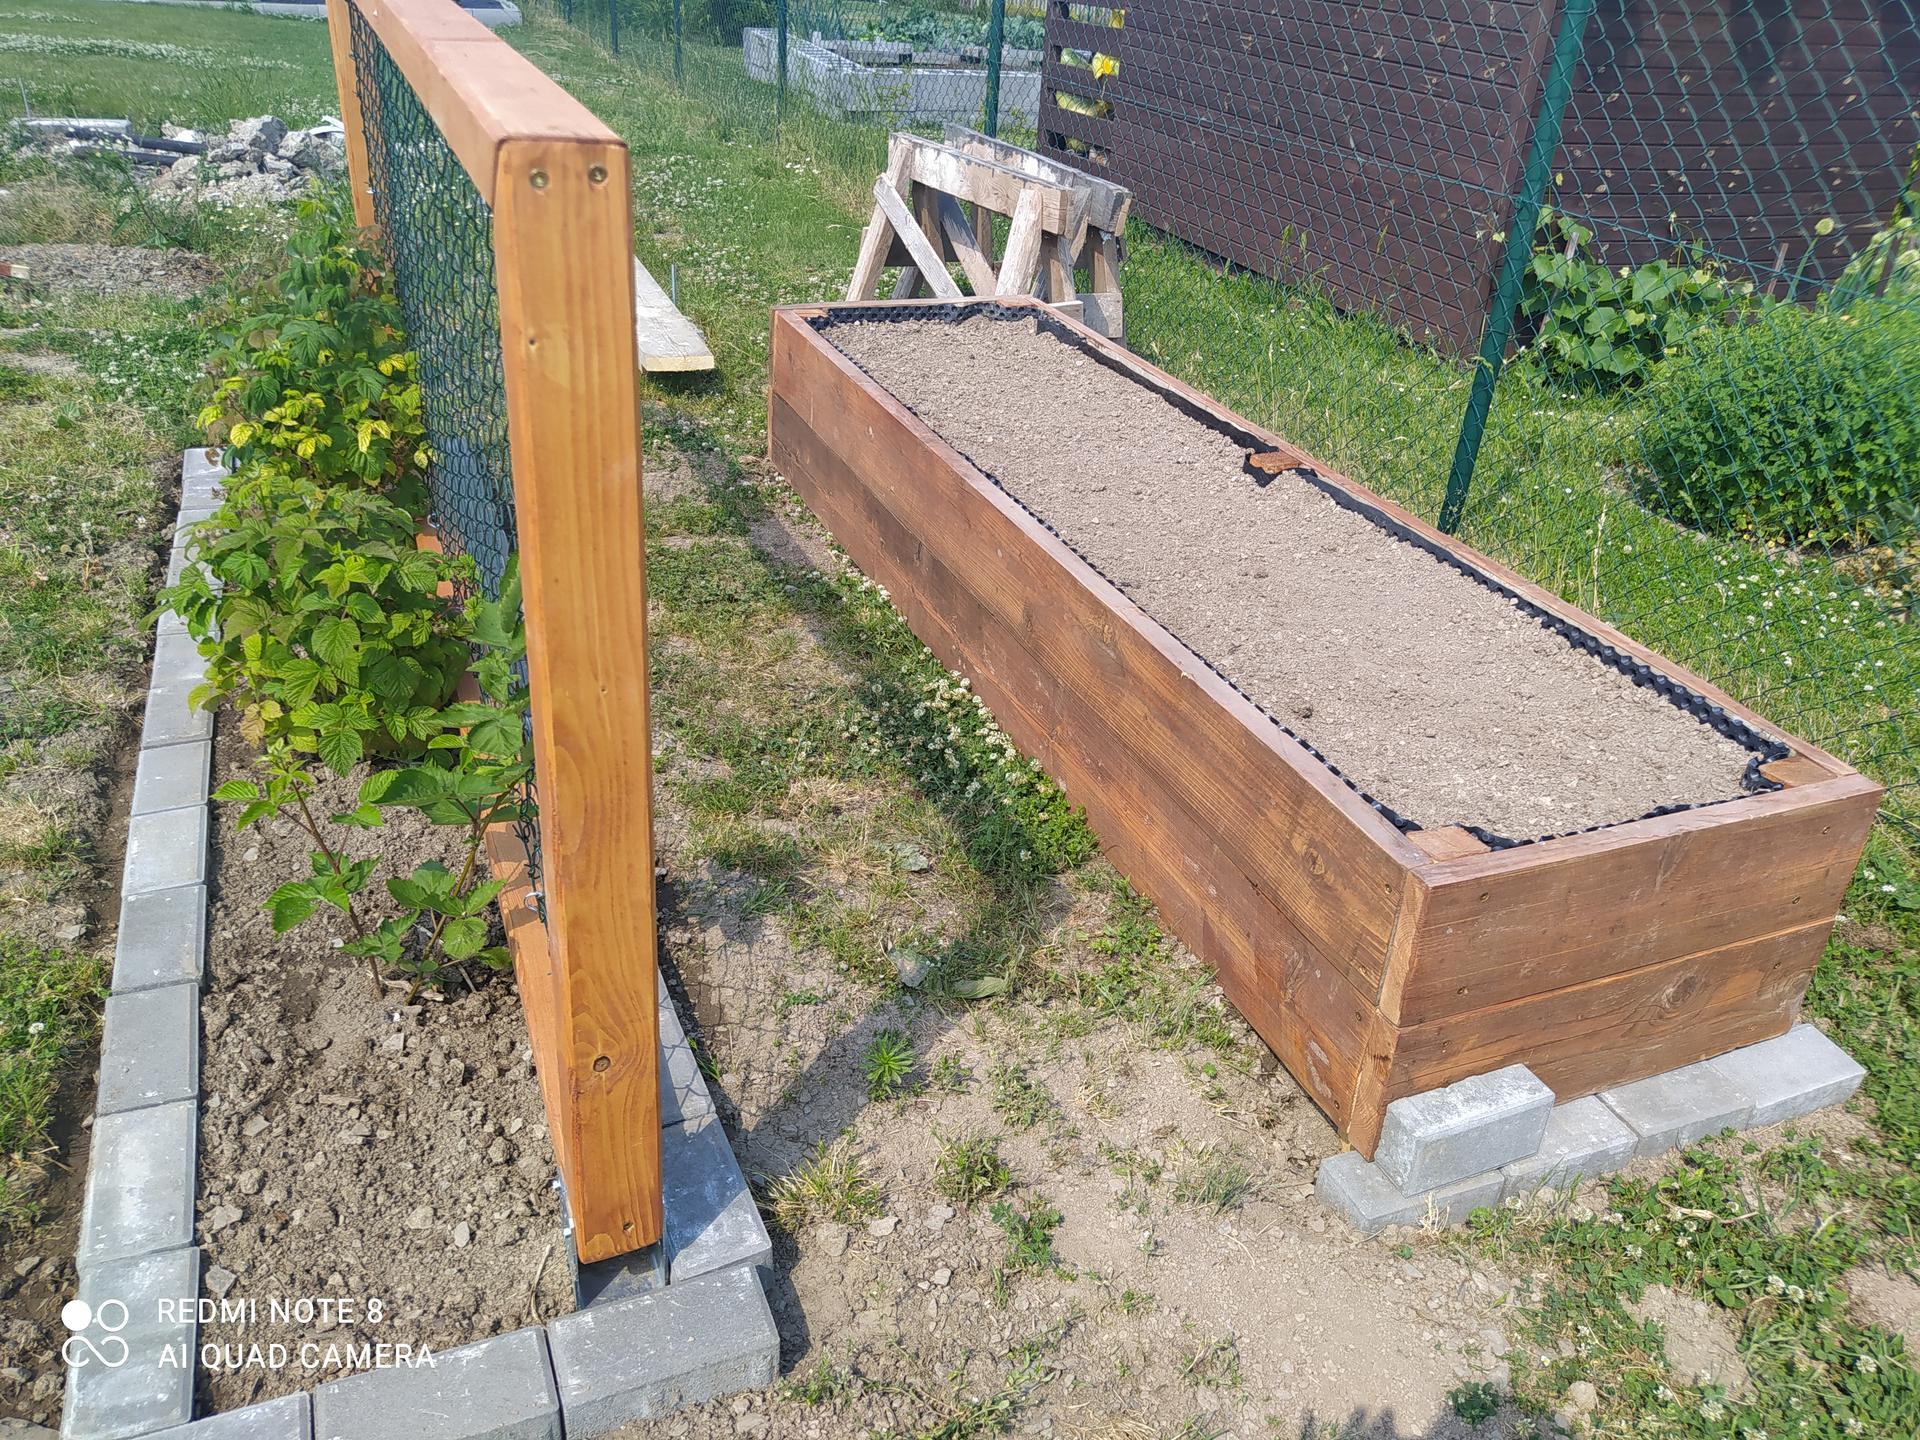 Zahrada a venkovní úpravy pokračujeme 2021 - Obrázek č. 8